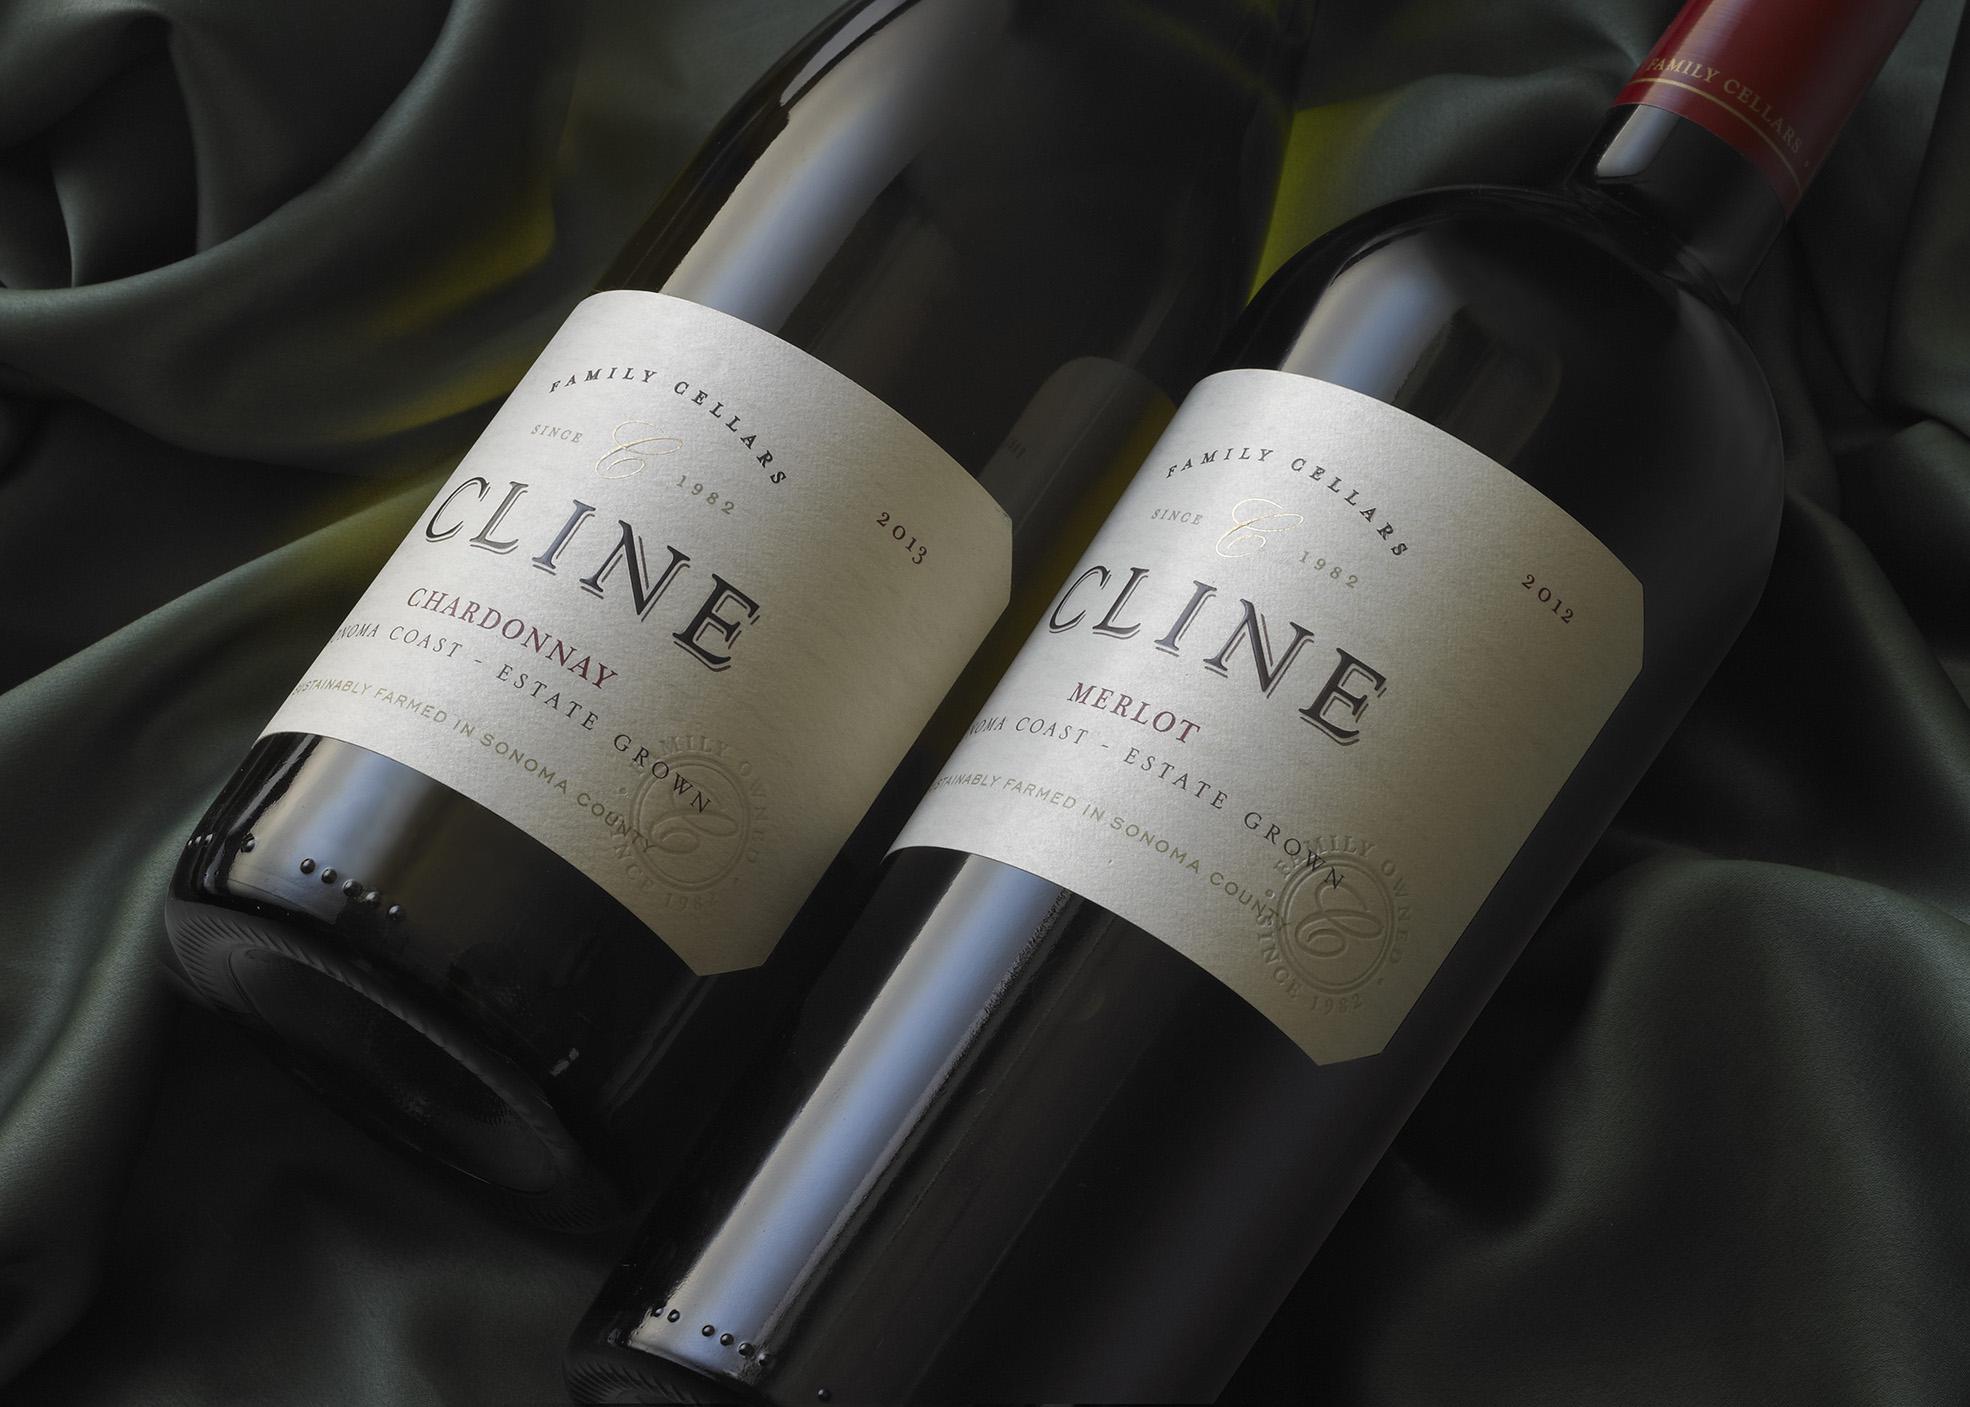 Cline 2.jpg